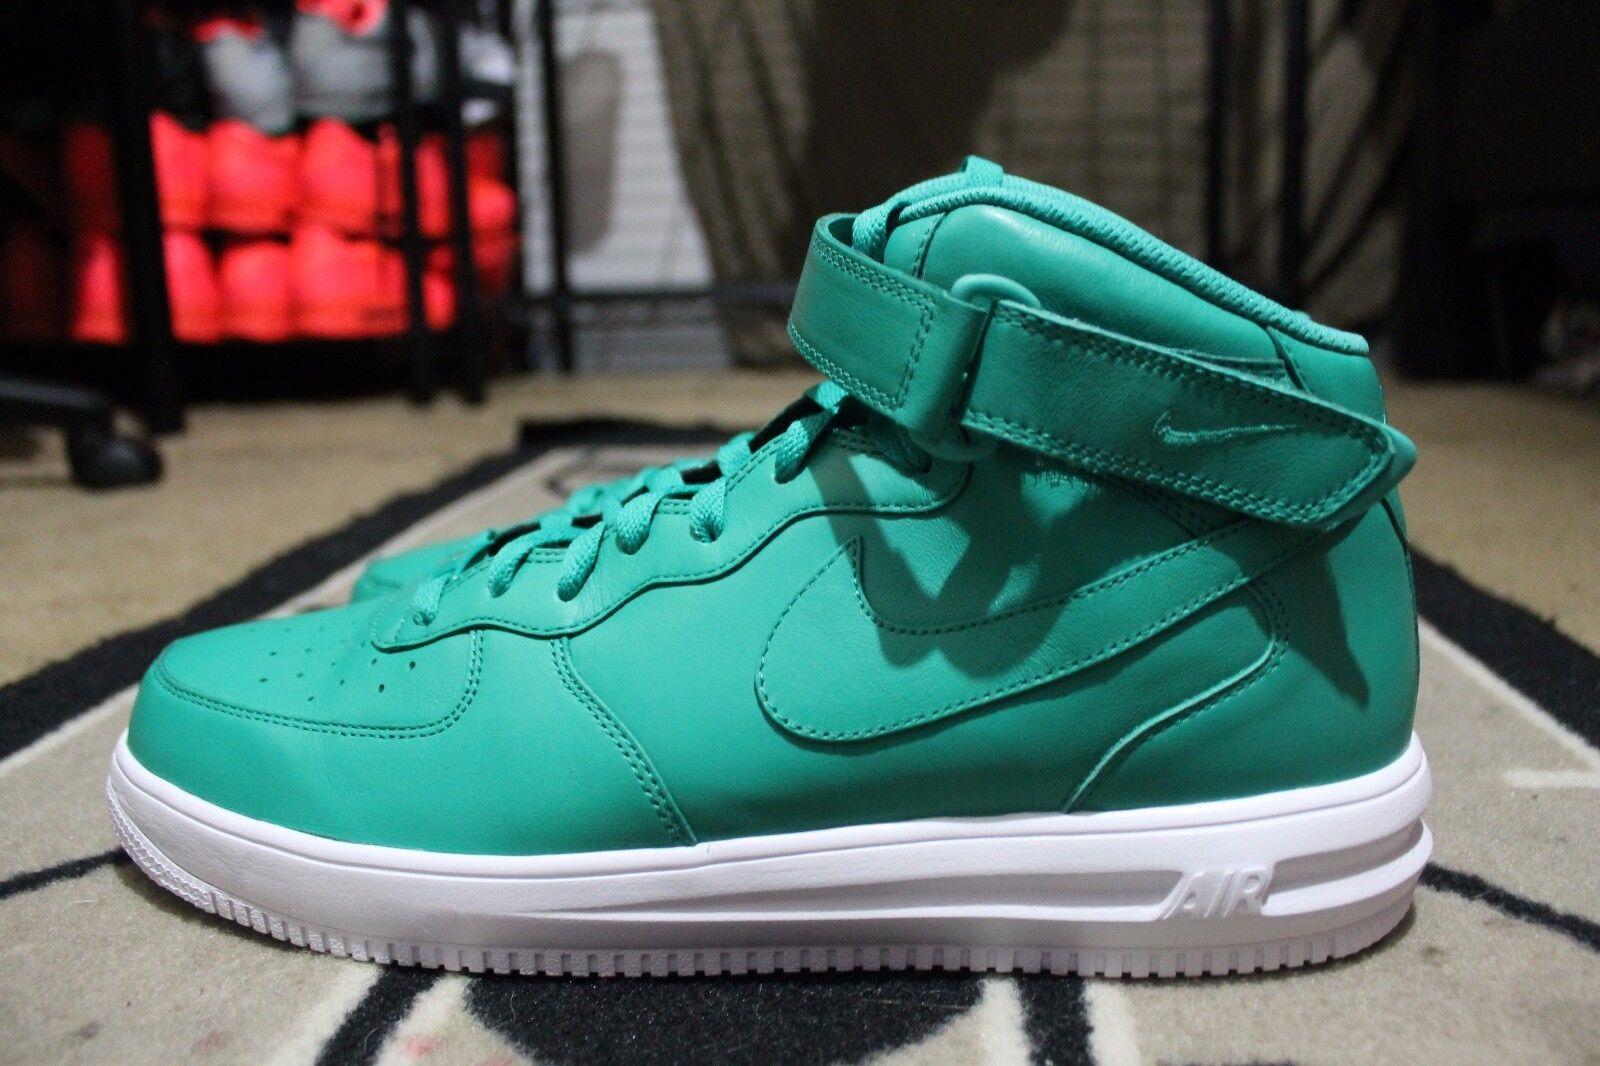 New Nike iD Air Force One 1 Hi Size 13 Teal White